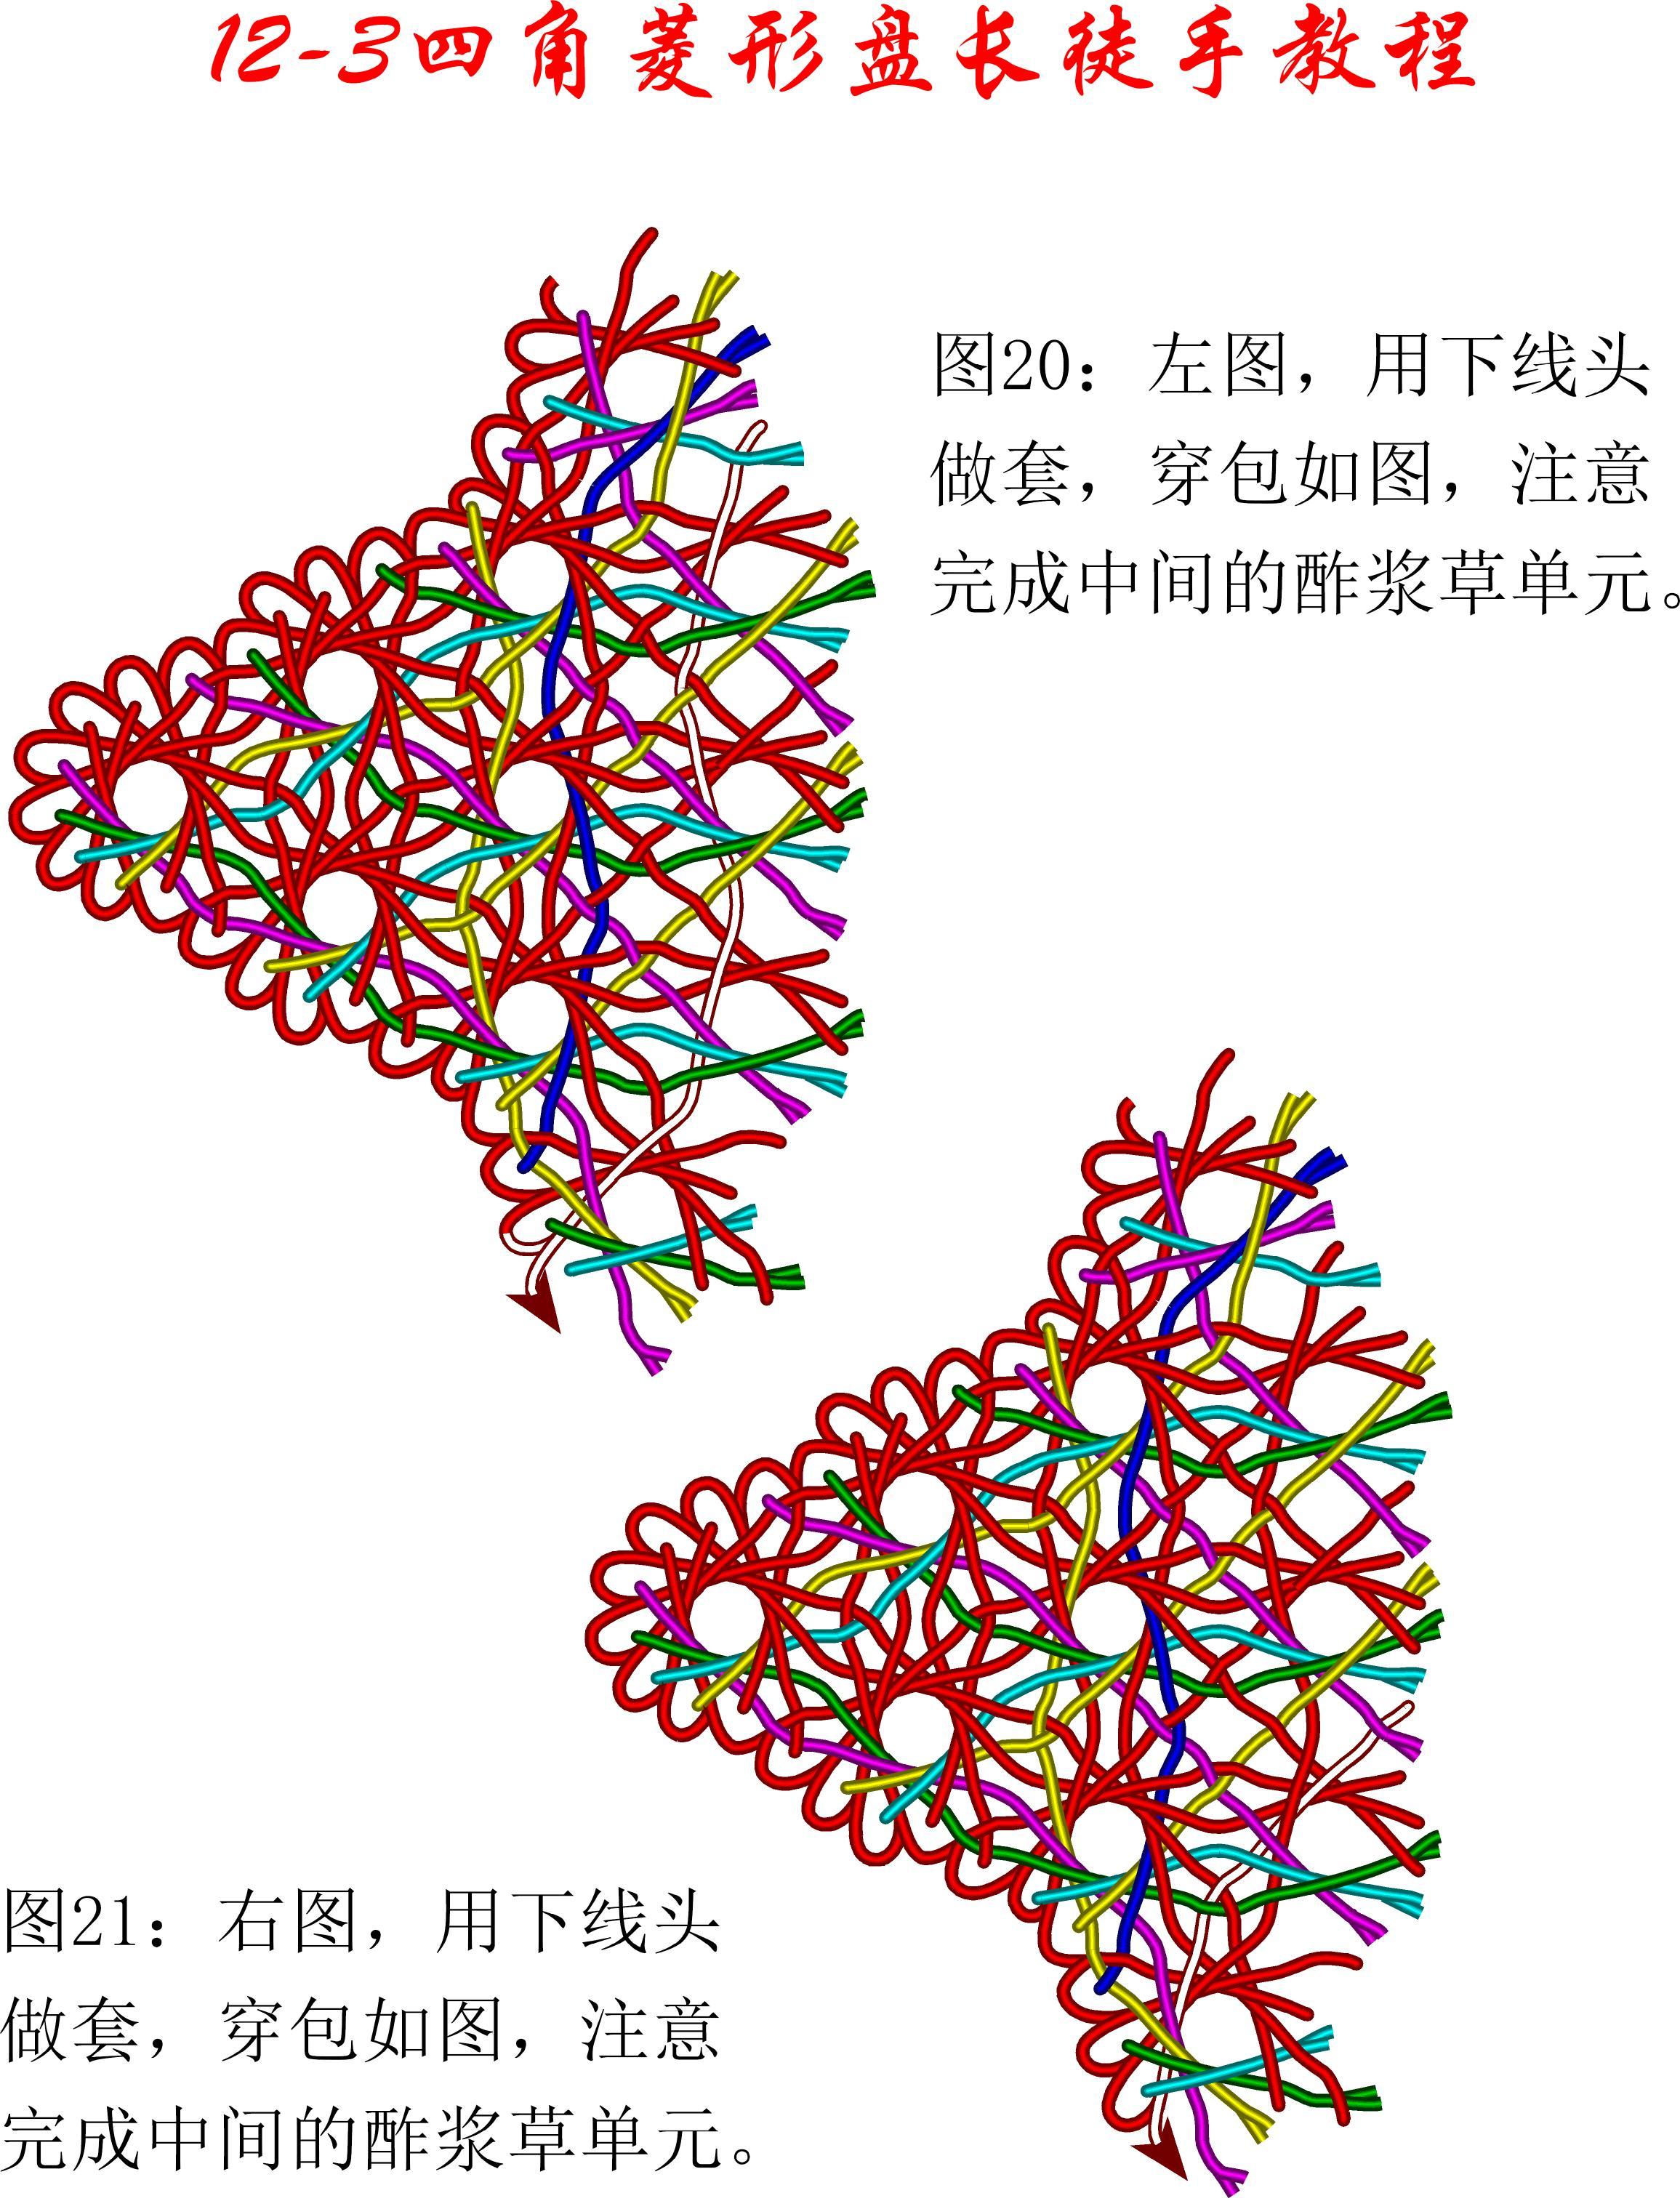 中国结论坛 12-3四角菱形盘长徒手教程 教程,菱形实心花的编织图解,长方形做菱形怎么做,长方形分菱形图解,菱形四边一样长吗 丑丑徒手编结 133838jvpch9zxxvz4jeez